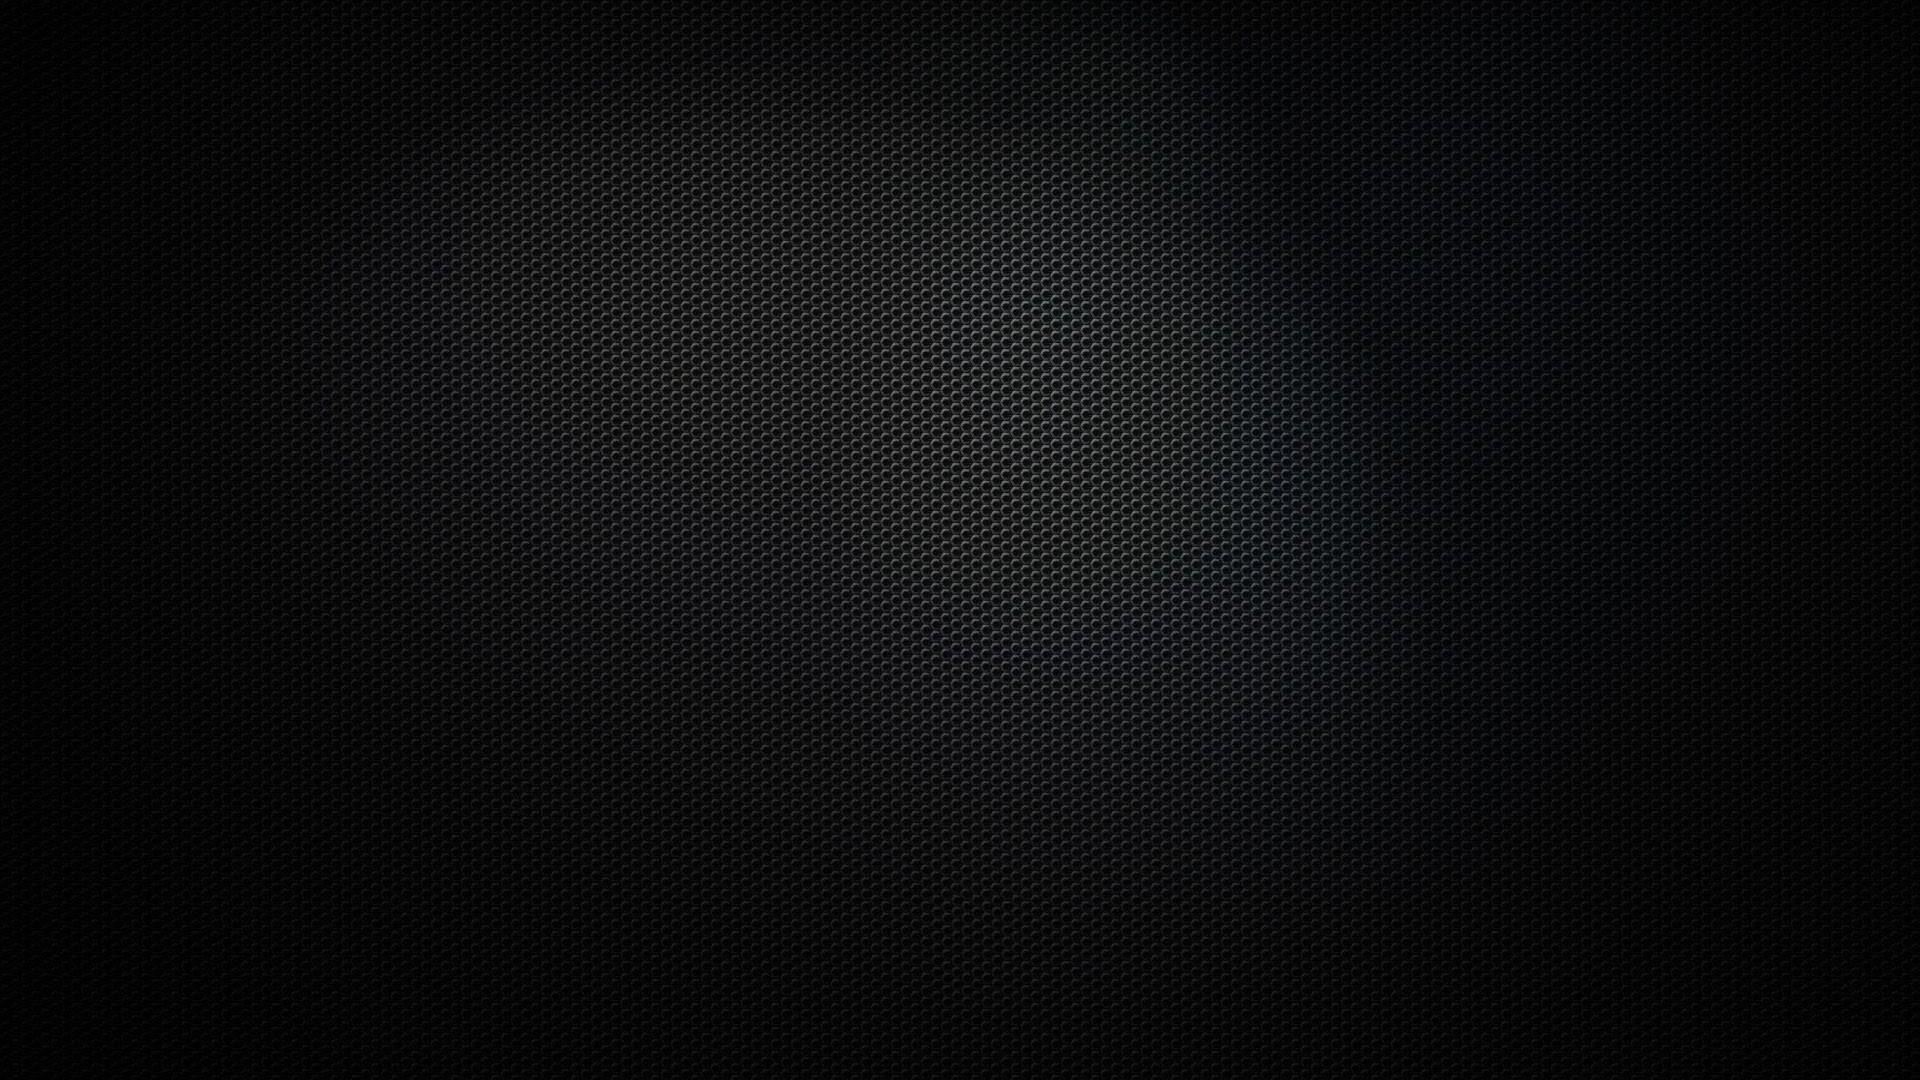 Black Wallpaper HD 1920×1080 | PixelsTalk.Net